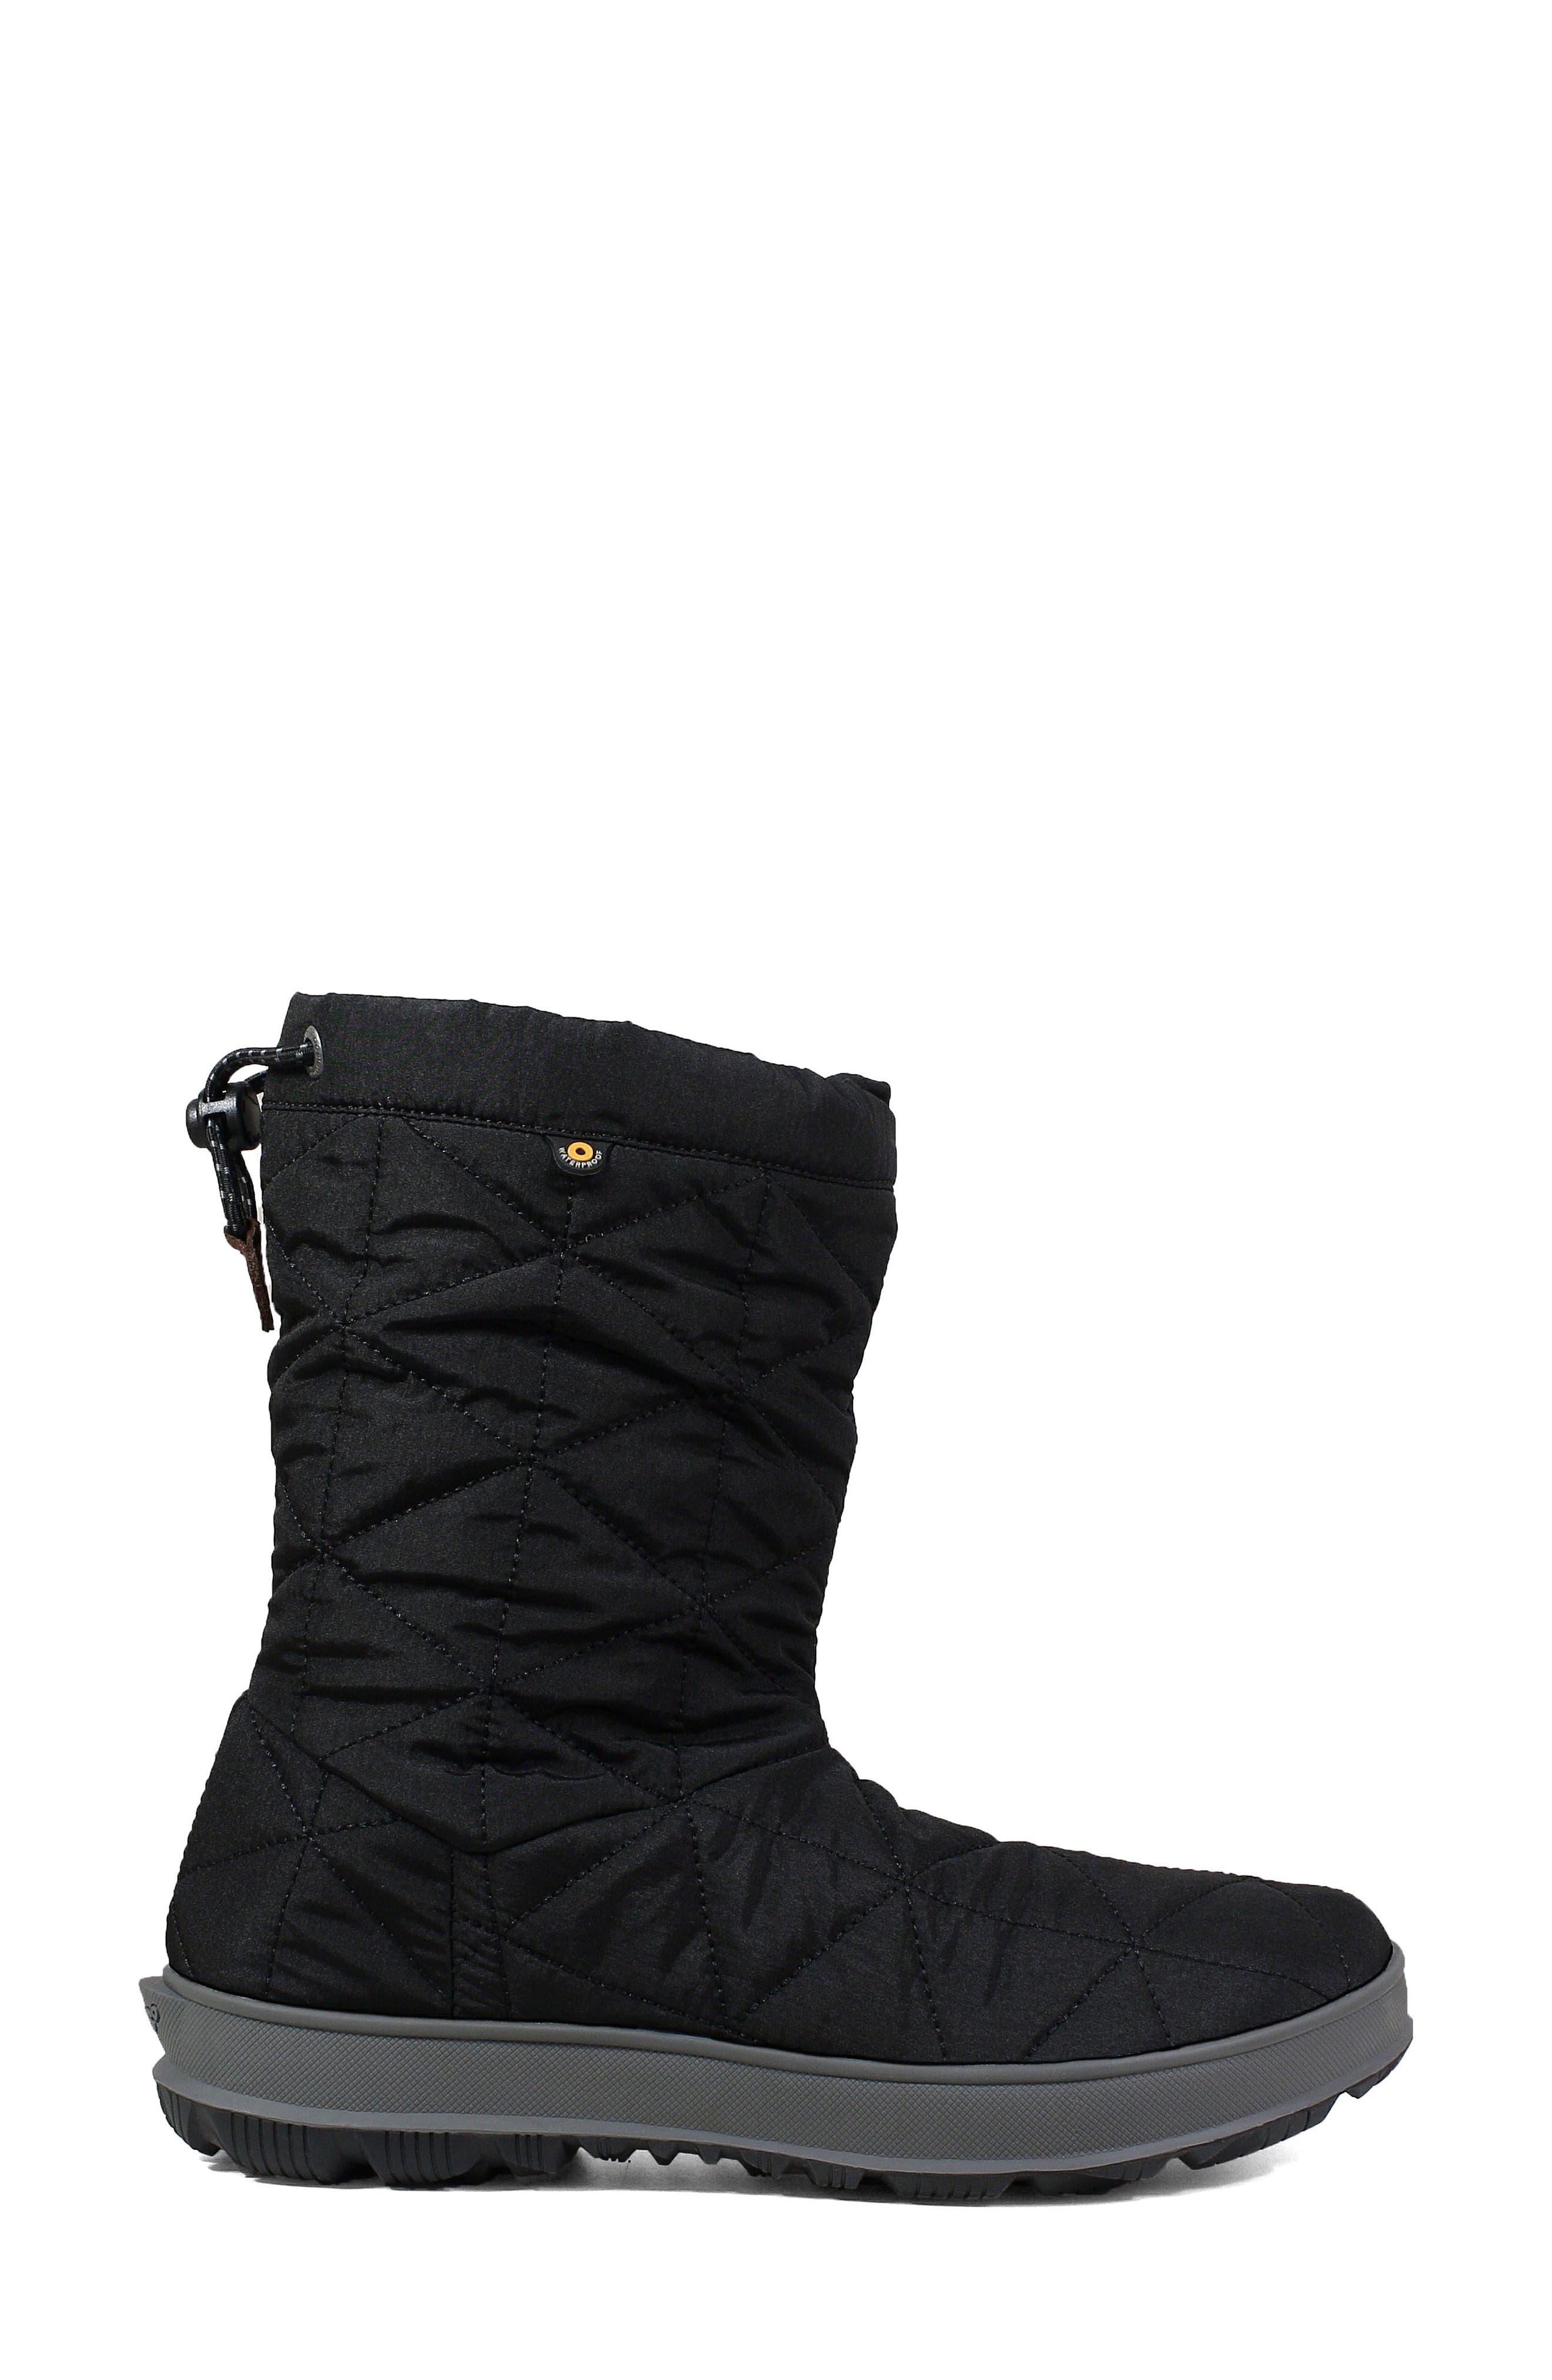 BOGS, Mid Snowday Waterproof Bootie, Alternate thumbnail 3, color, BLACK